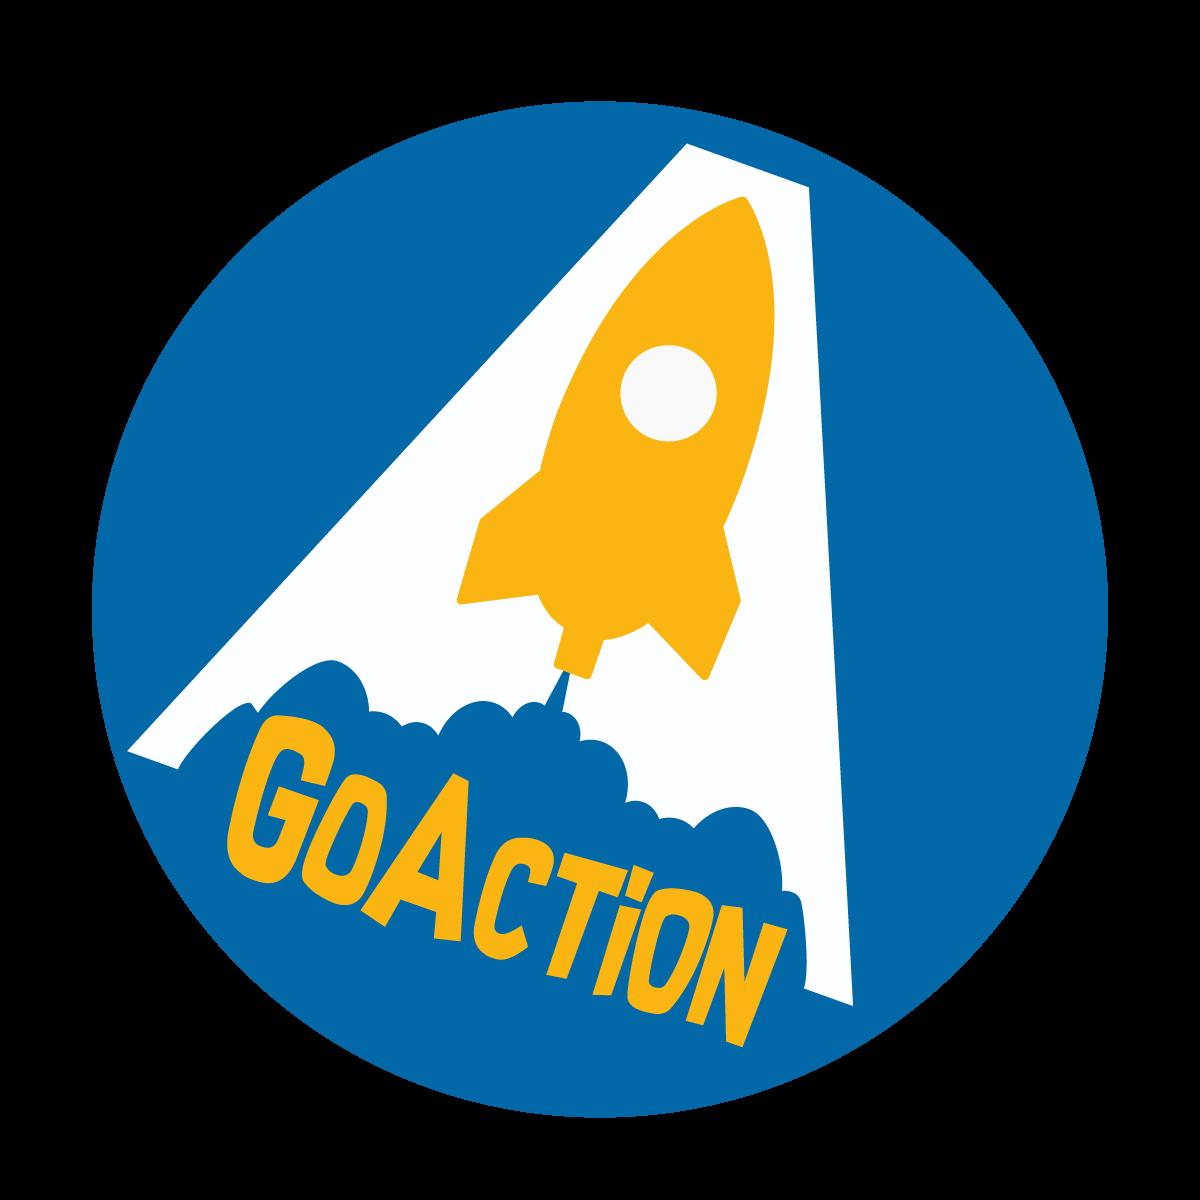 GoAction